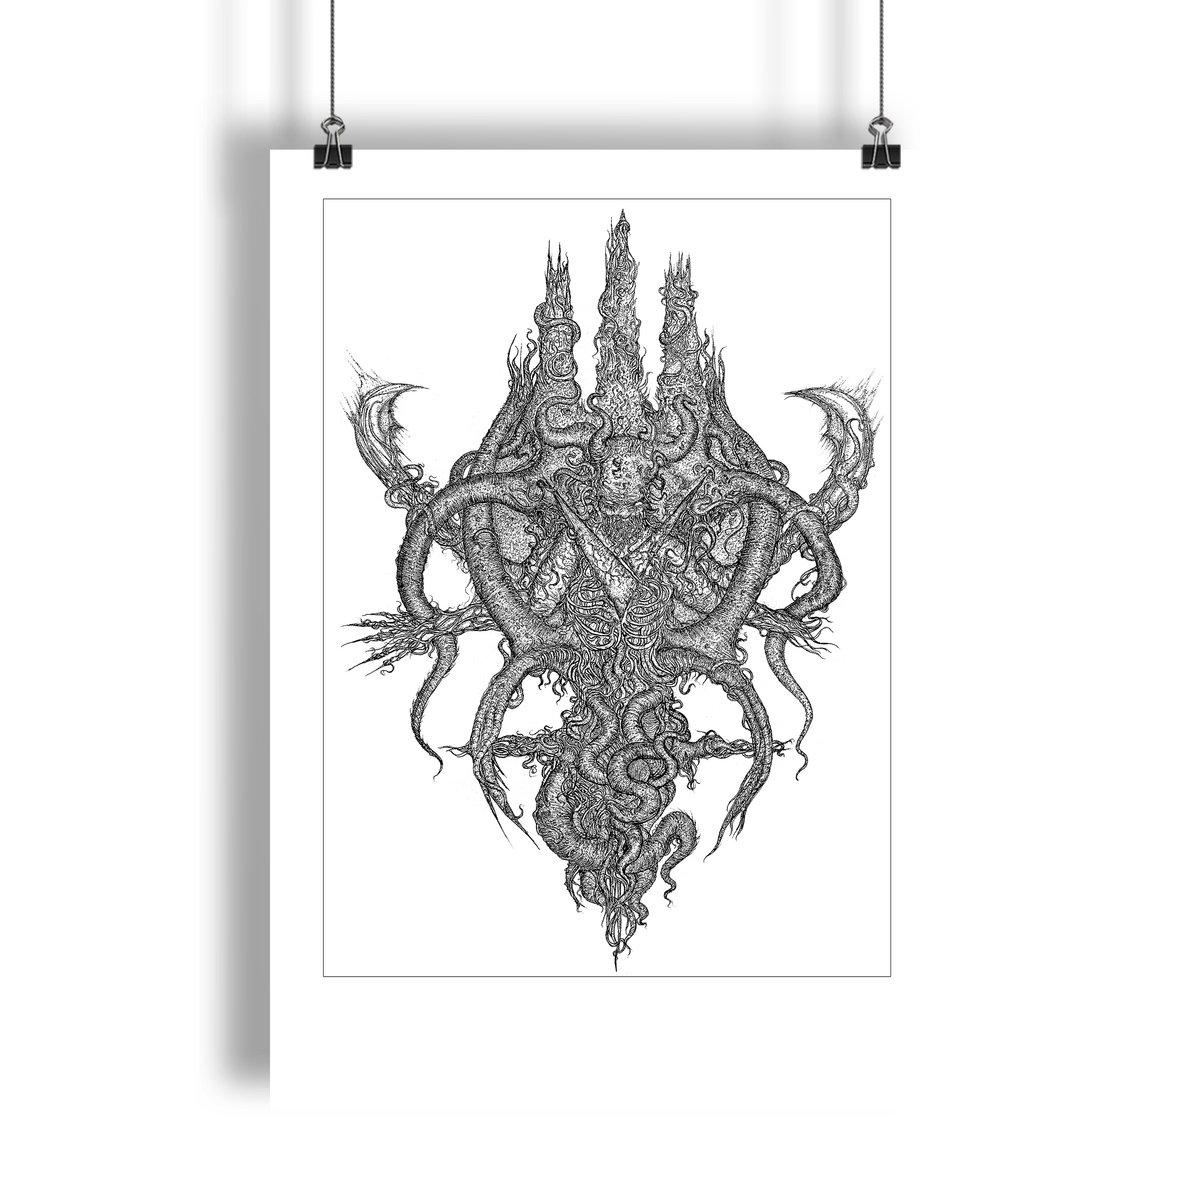 VON - Dark Gods: Sigil of Death Illustrated Giclée Print | VON